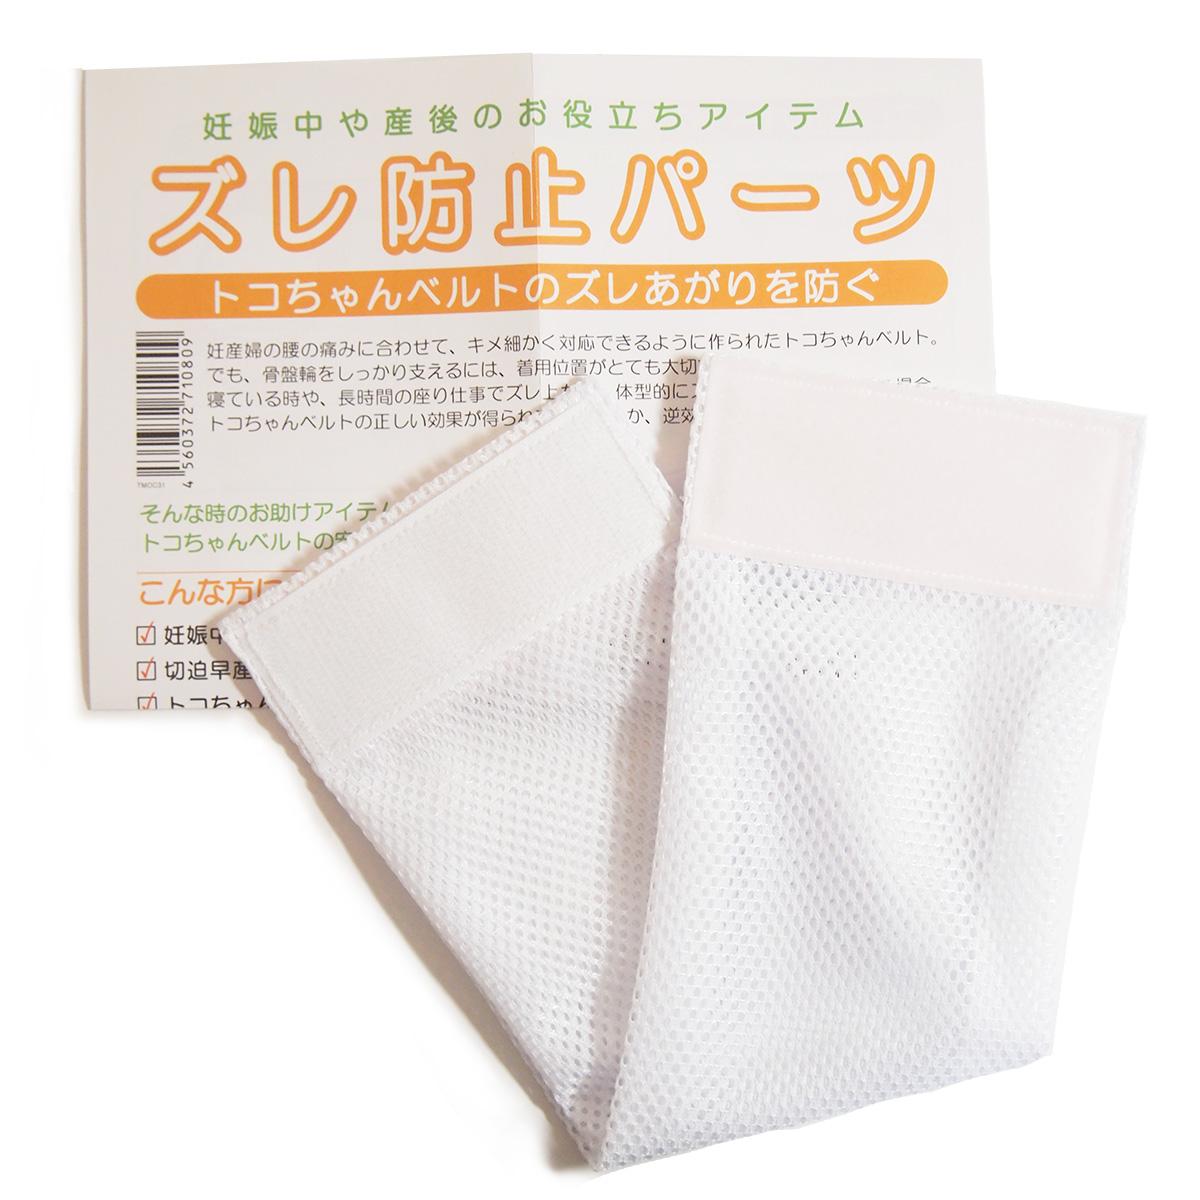 お役立ちアイテム☆トコちゃんベルト専用ズレ防止パーツ 2枚組(AT121)☆